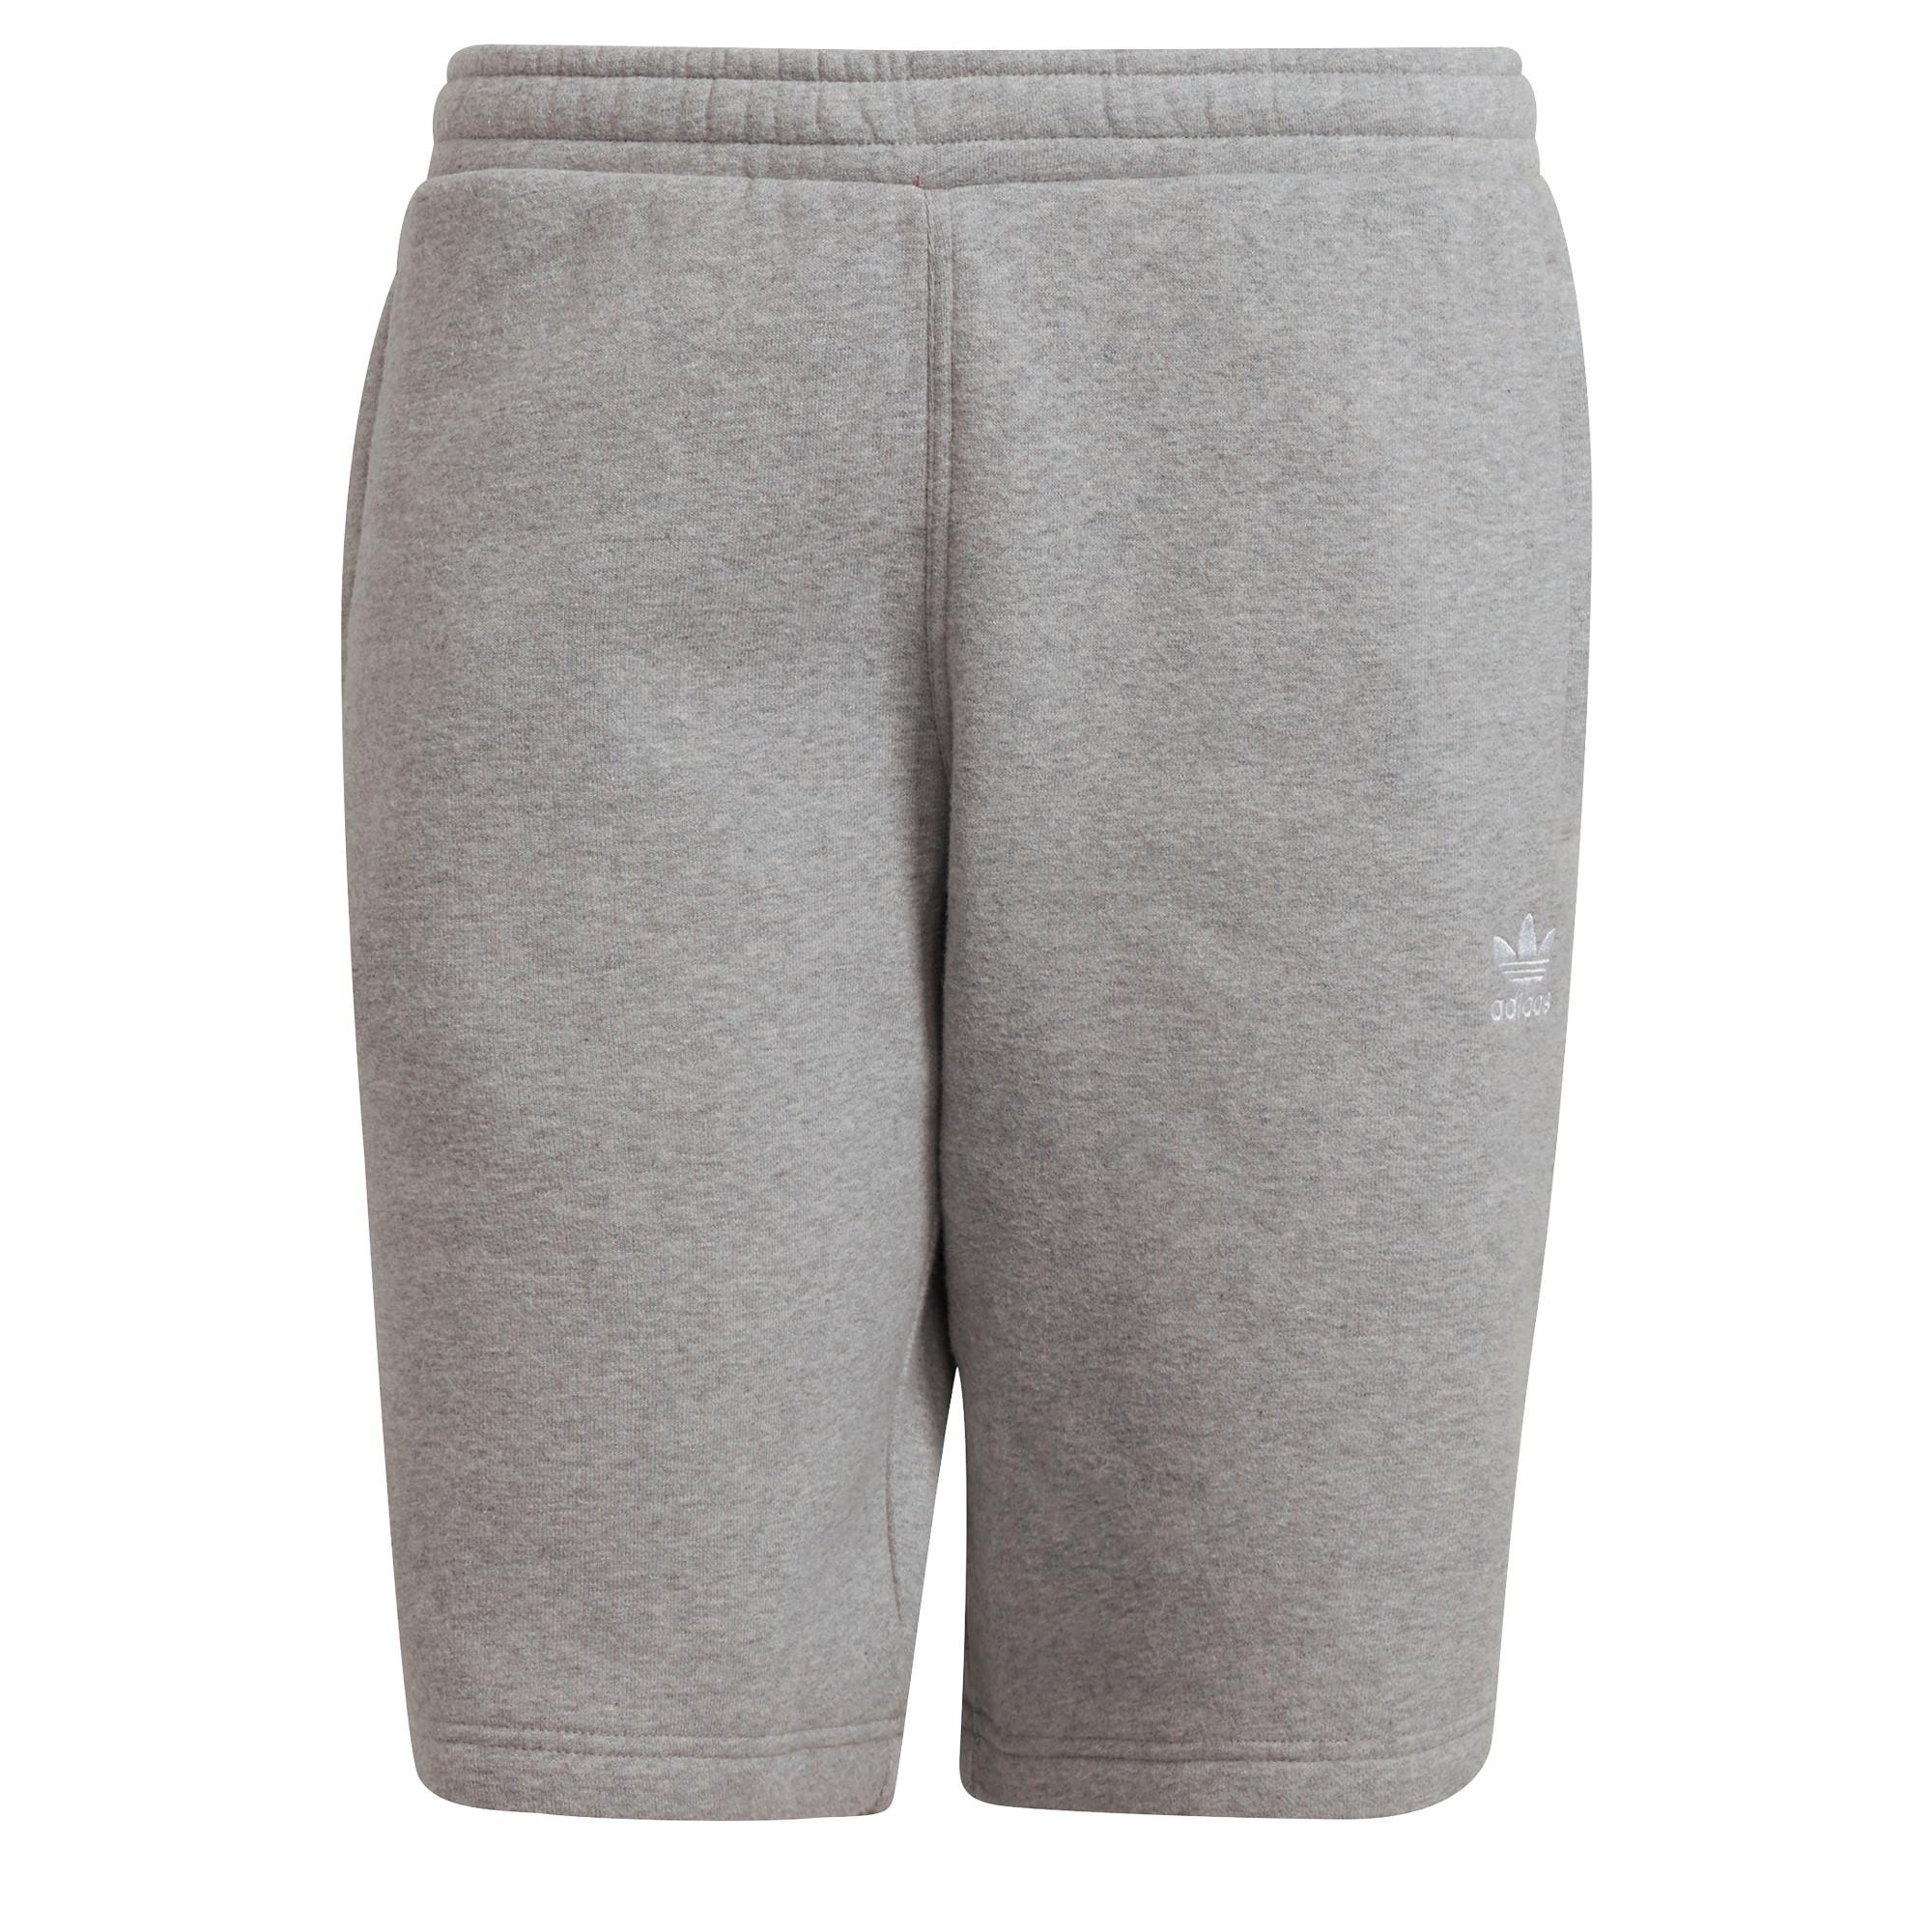 Shorts adicolor Essentials Trefoil, Grigio, large image number 0